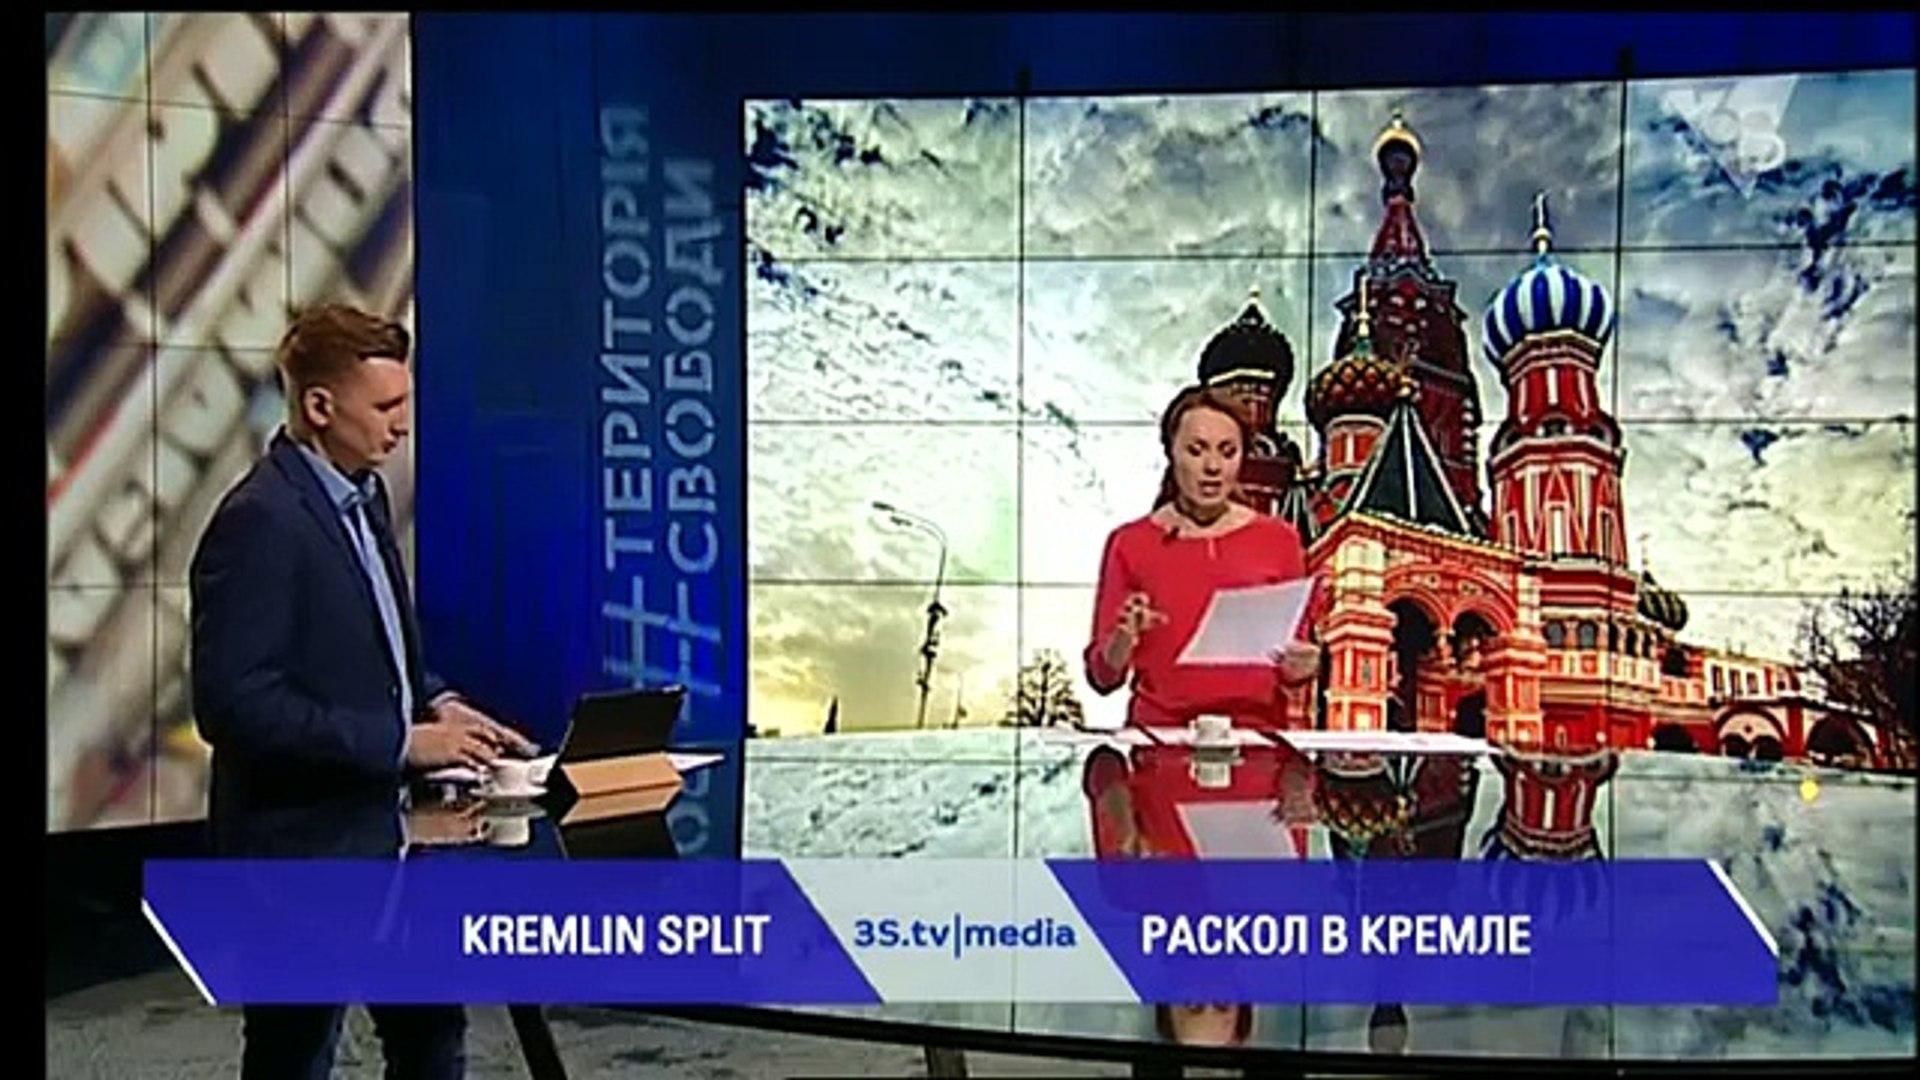 РАСКОЛ В КРЕМЛЕ. 3stv|media (29.02.2016)